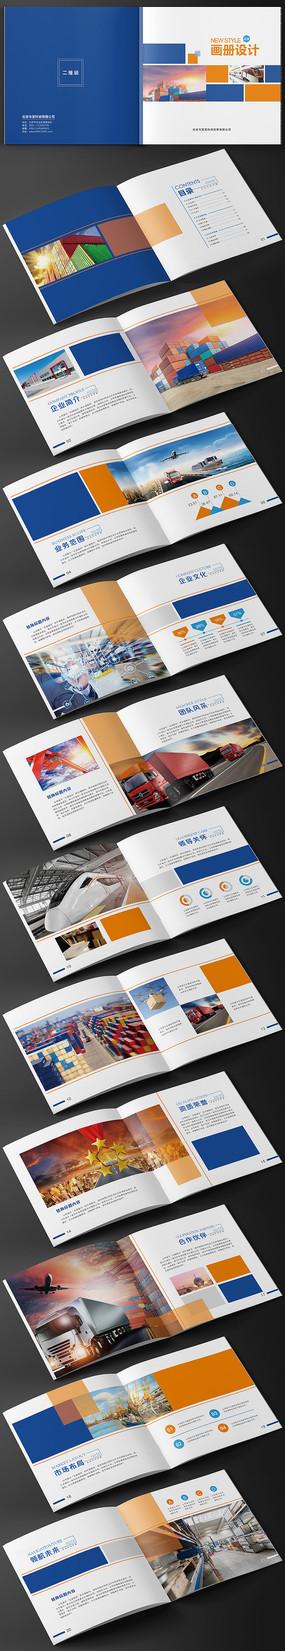 高档物流画册设计